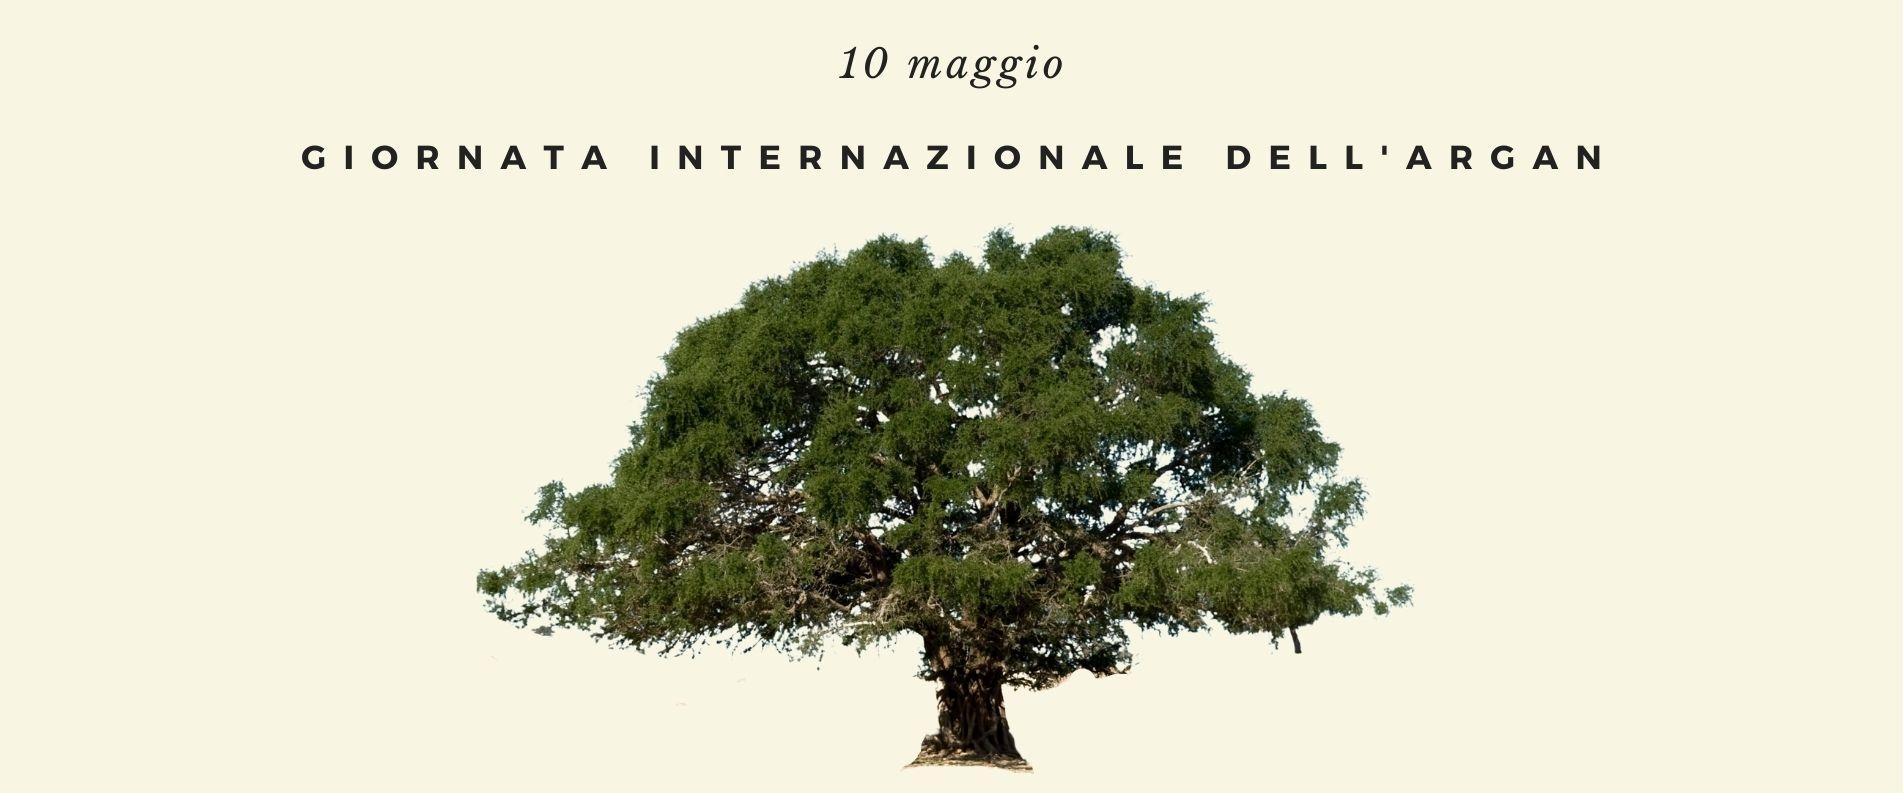 Giornata Internazionale dell'Argan